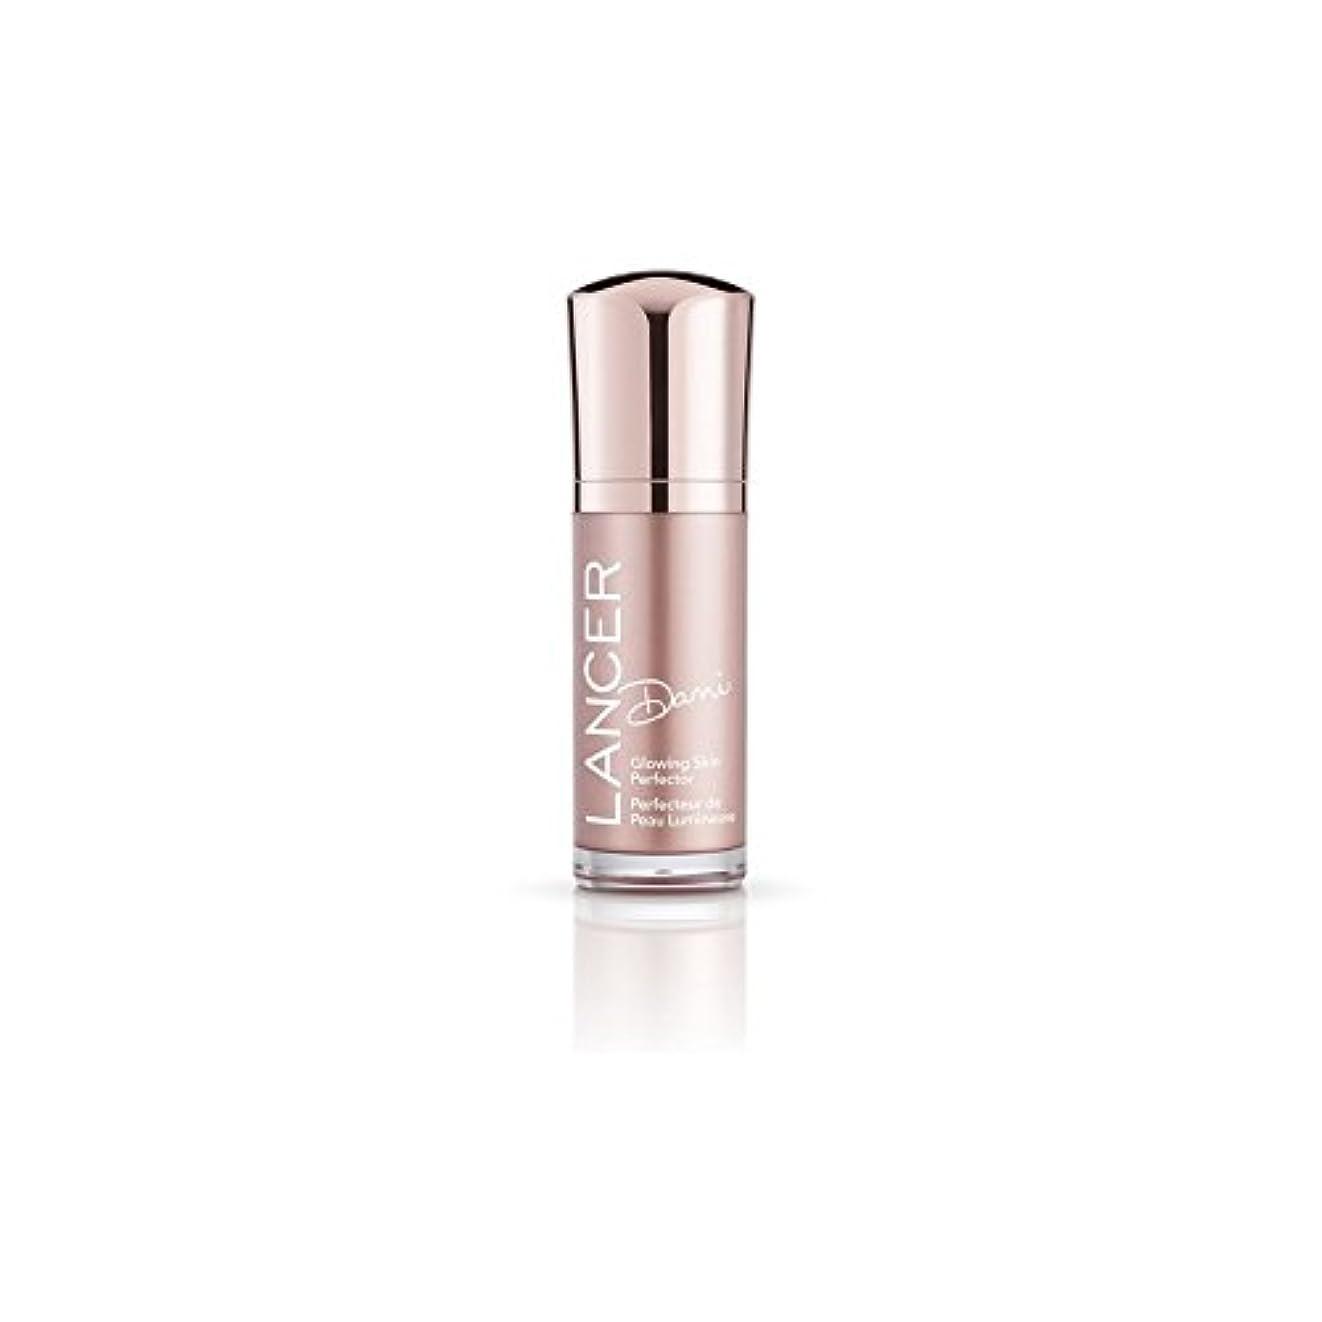 直立学んだメロディースキンパーフェク輝くランサースキンケアダニ(30ミリリットル) x4 - Lancer Skincare Dani Glowing Skin Perfector (30ml) (Pack of 4) [並行輸入品]